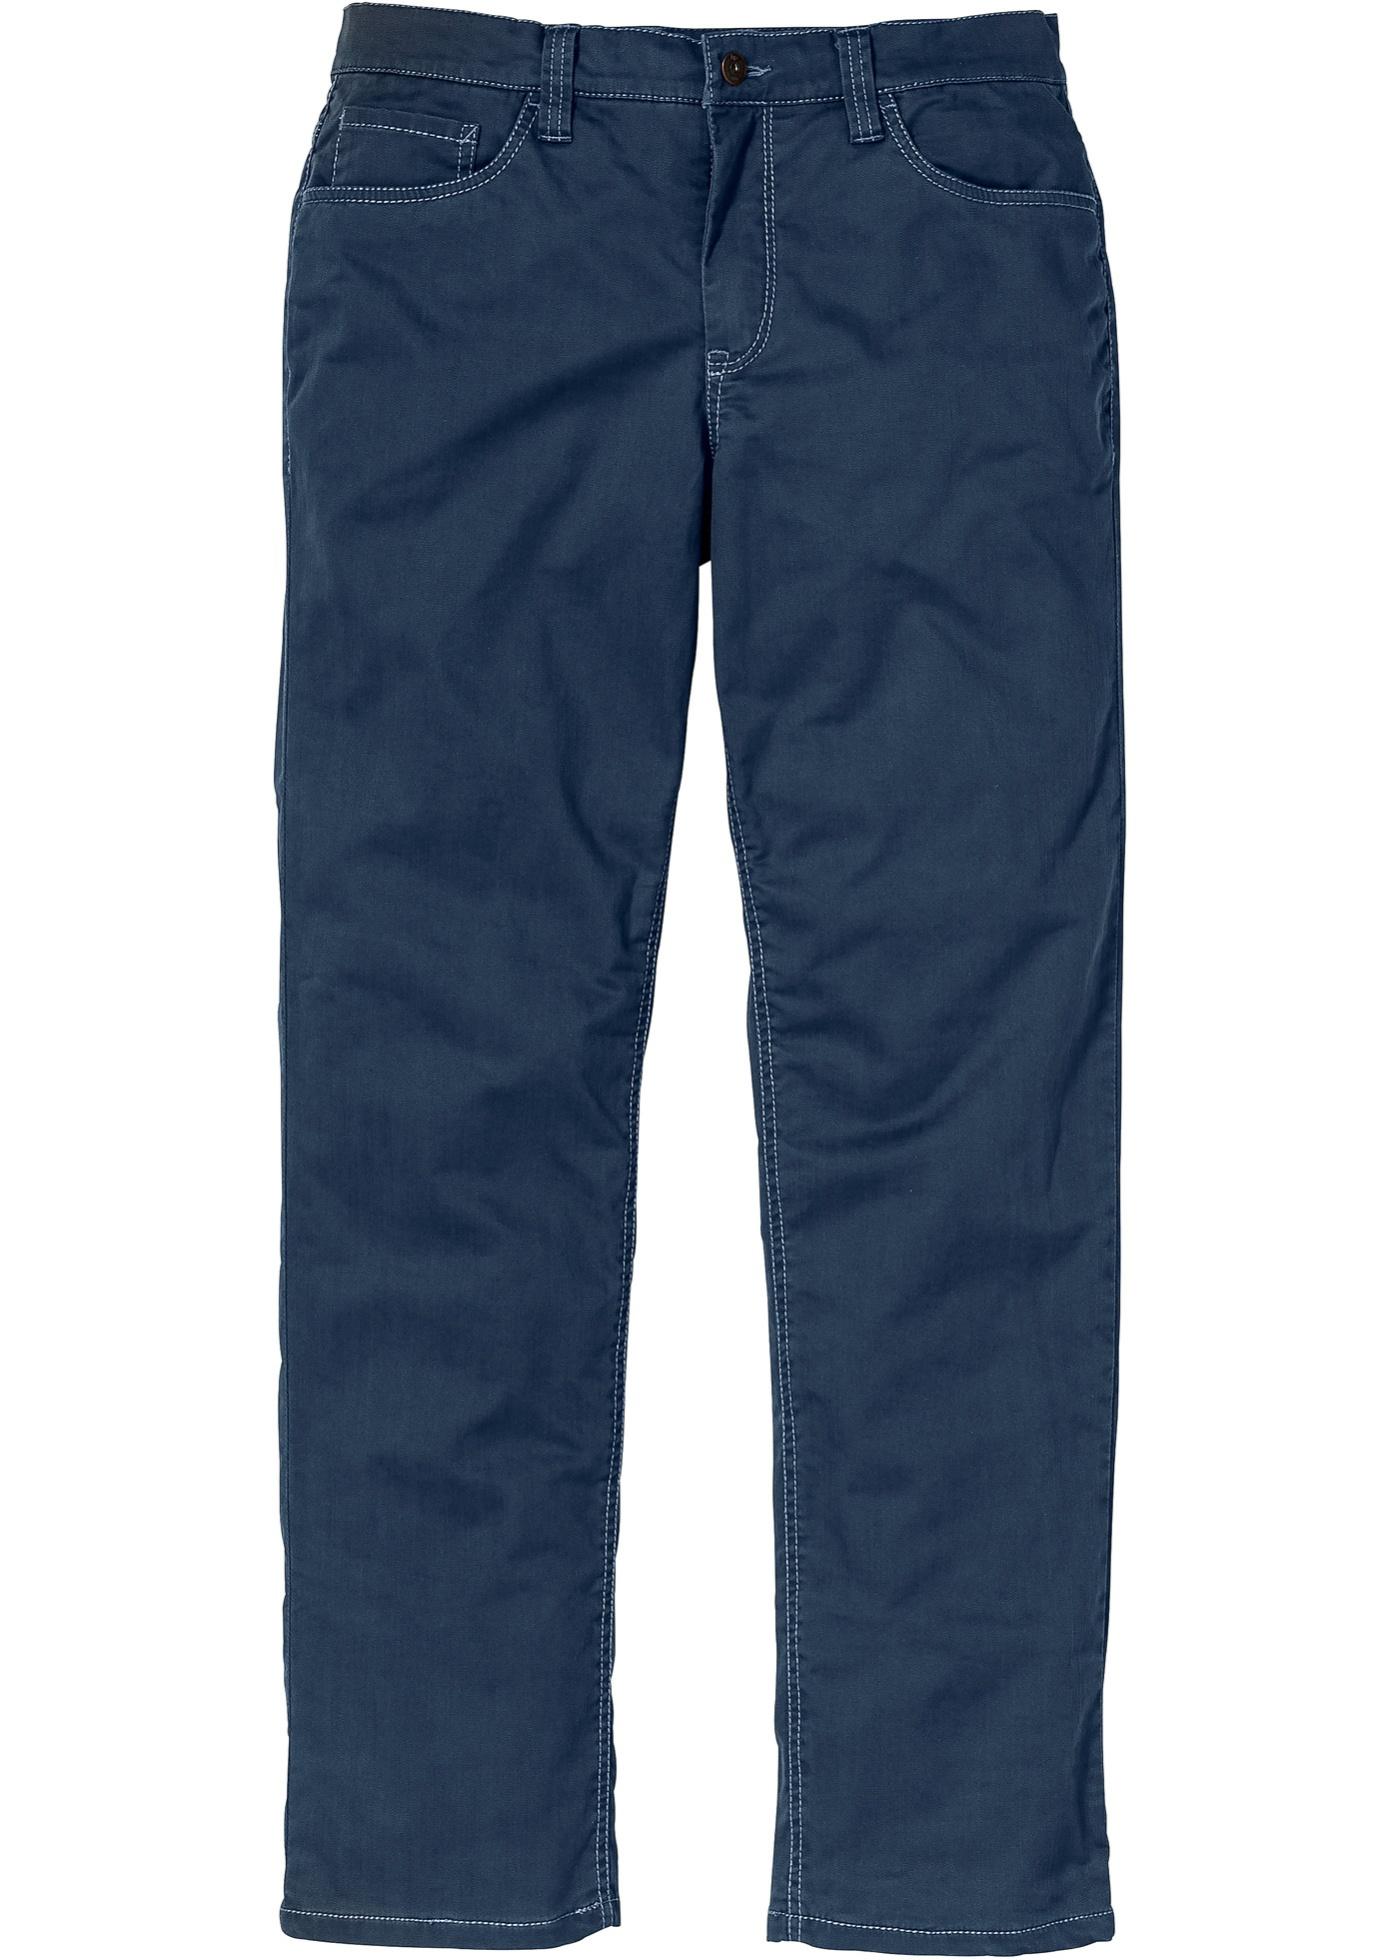 Pantalone termico in twil